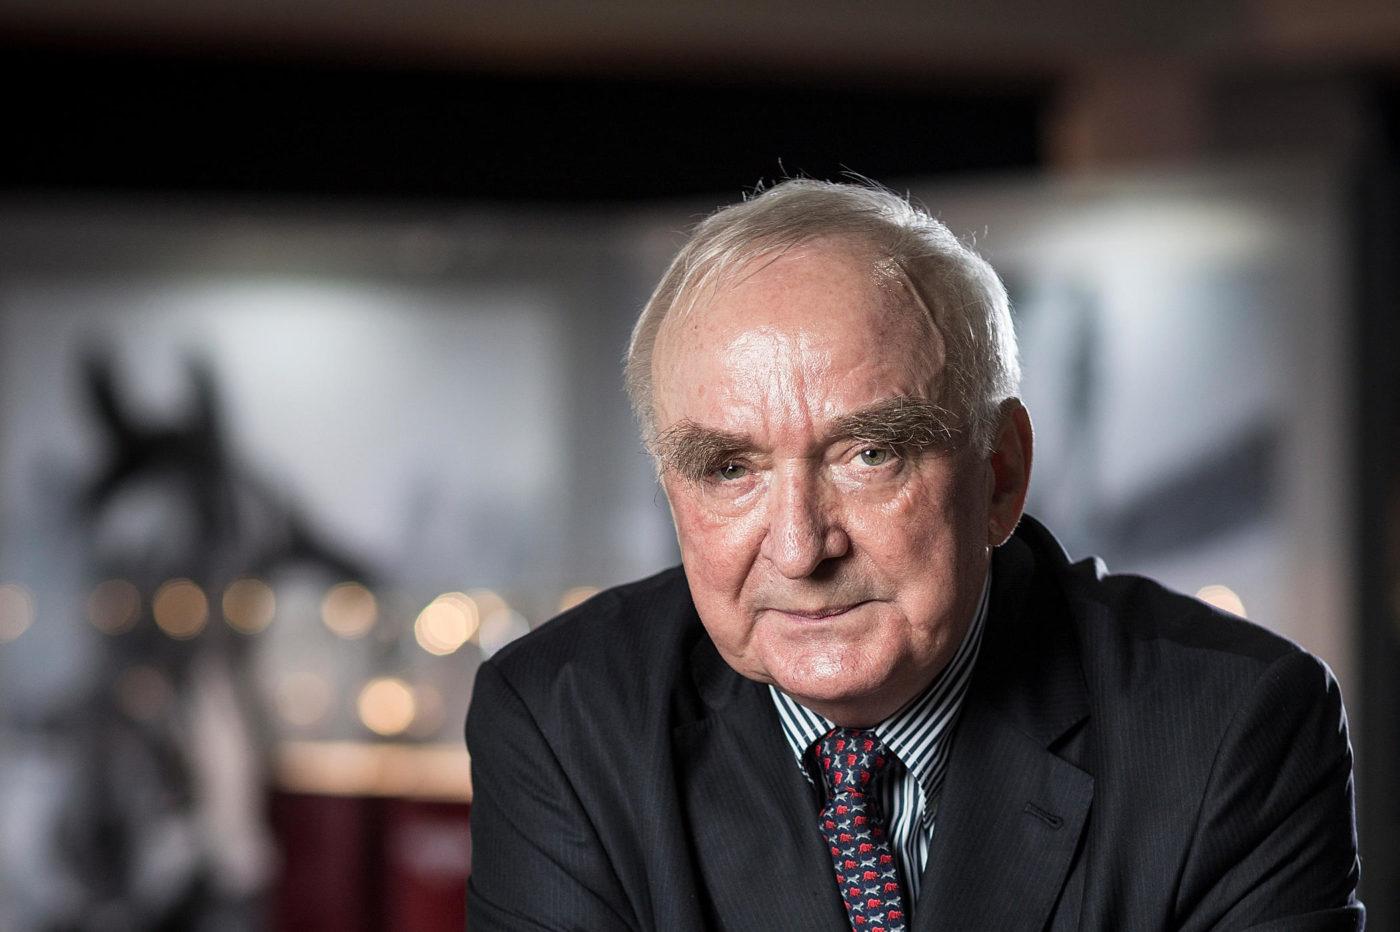 Wywiad Walter von Känel – 50 lat w firmie Longines